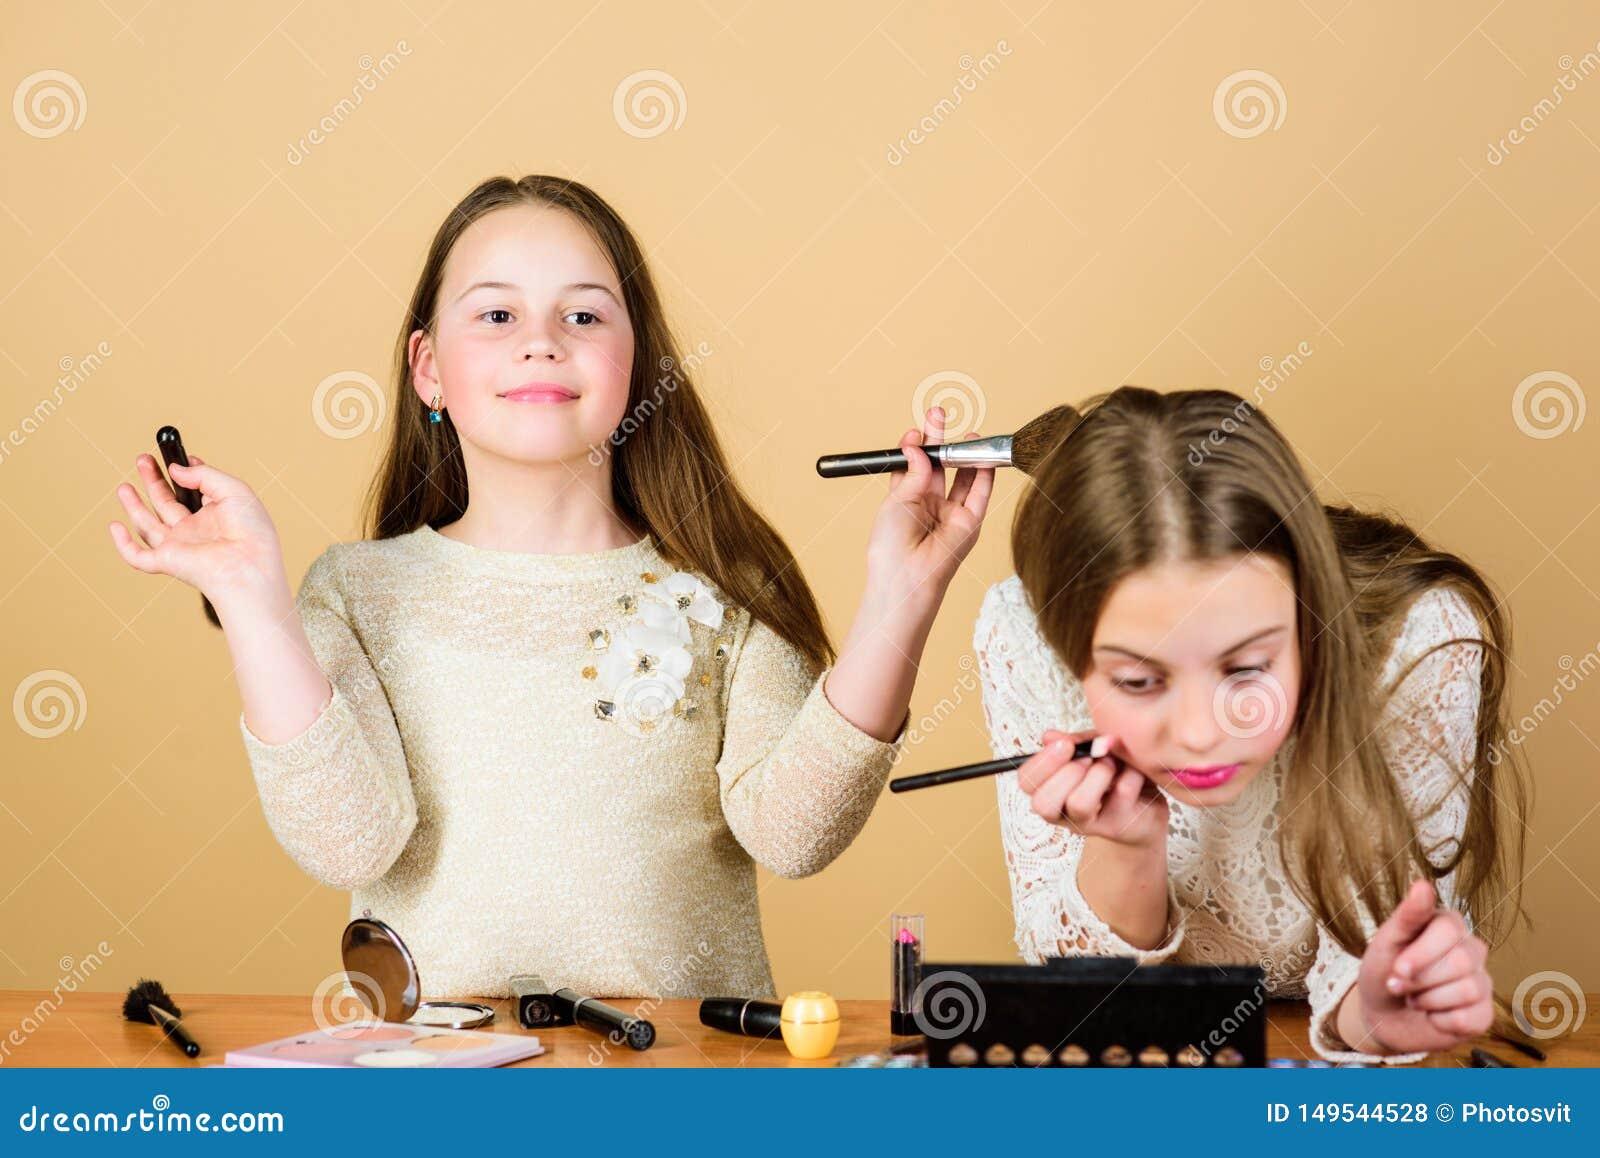 Kinderkleine M?dchen bilden Gesicht Make-upspeicher Experimentieren mit Art Kreativit?t ist beste Make-upf?higkeit Bilden Sie